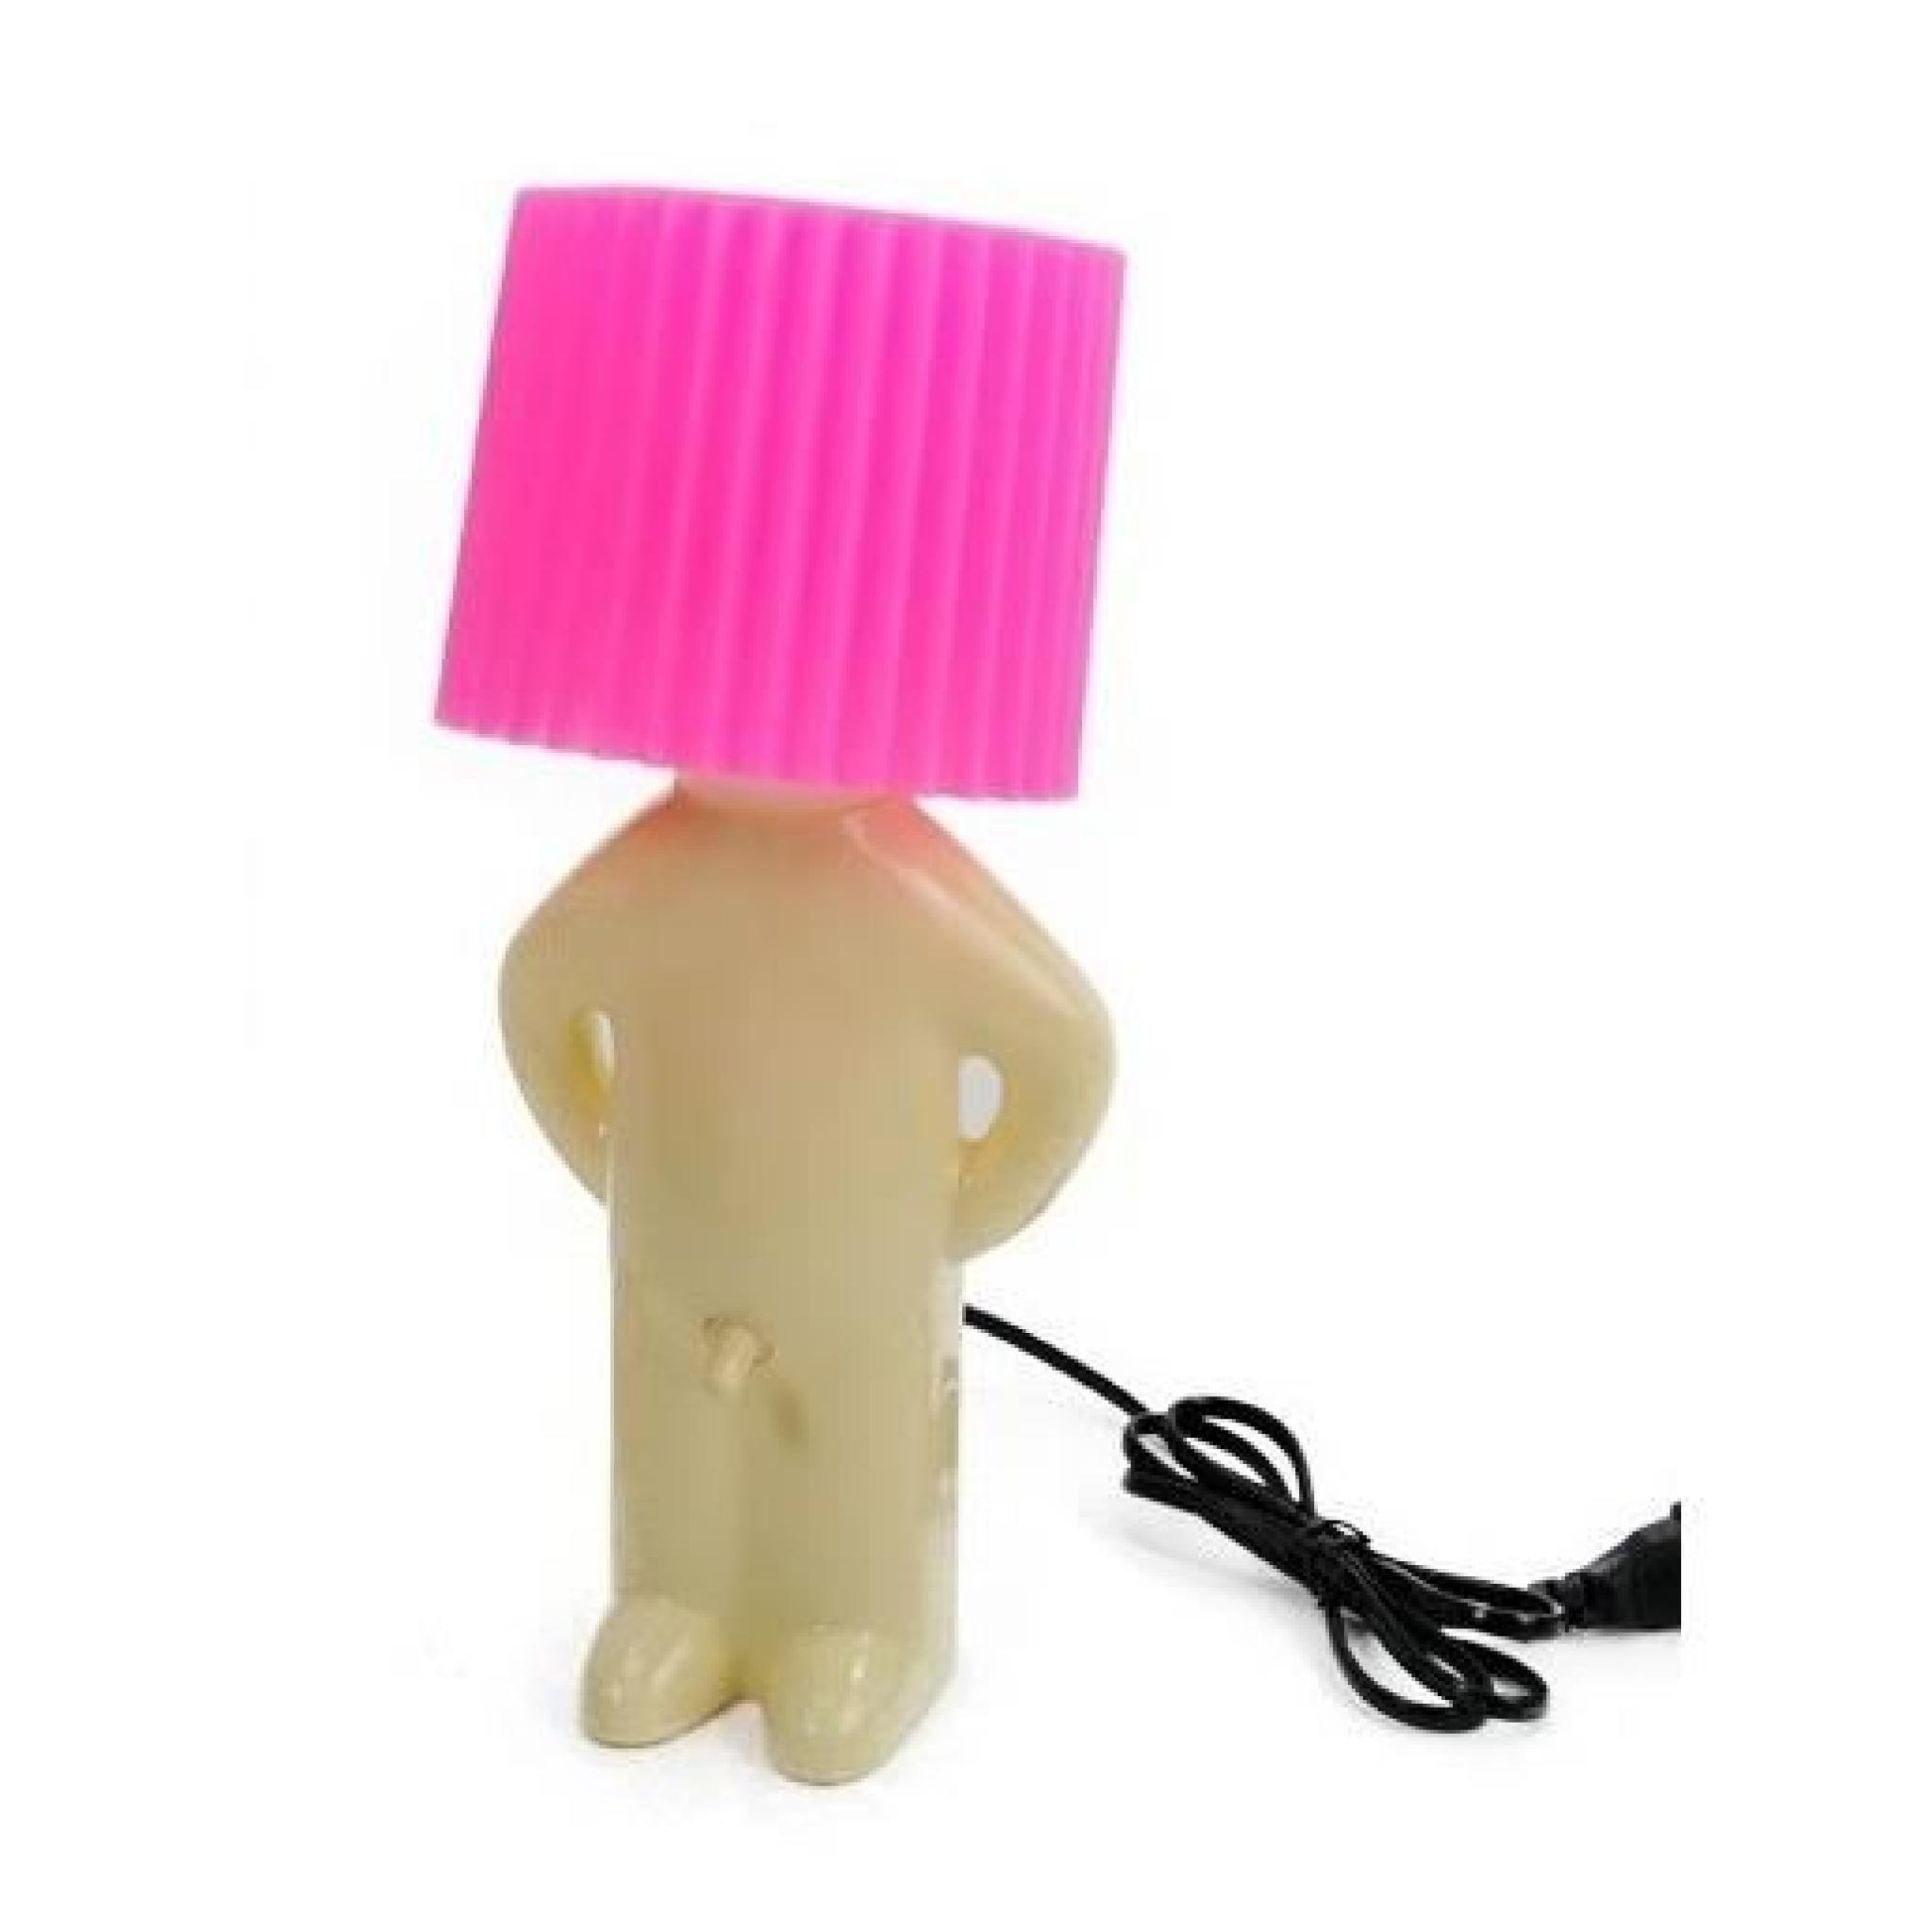 lampe originale et design ou luminaire d co rose achat vente lampe a poser pas cher couleur. Black Bedroom Furniture Sets. Home Design Ideas